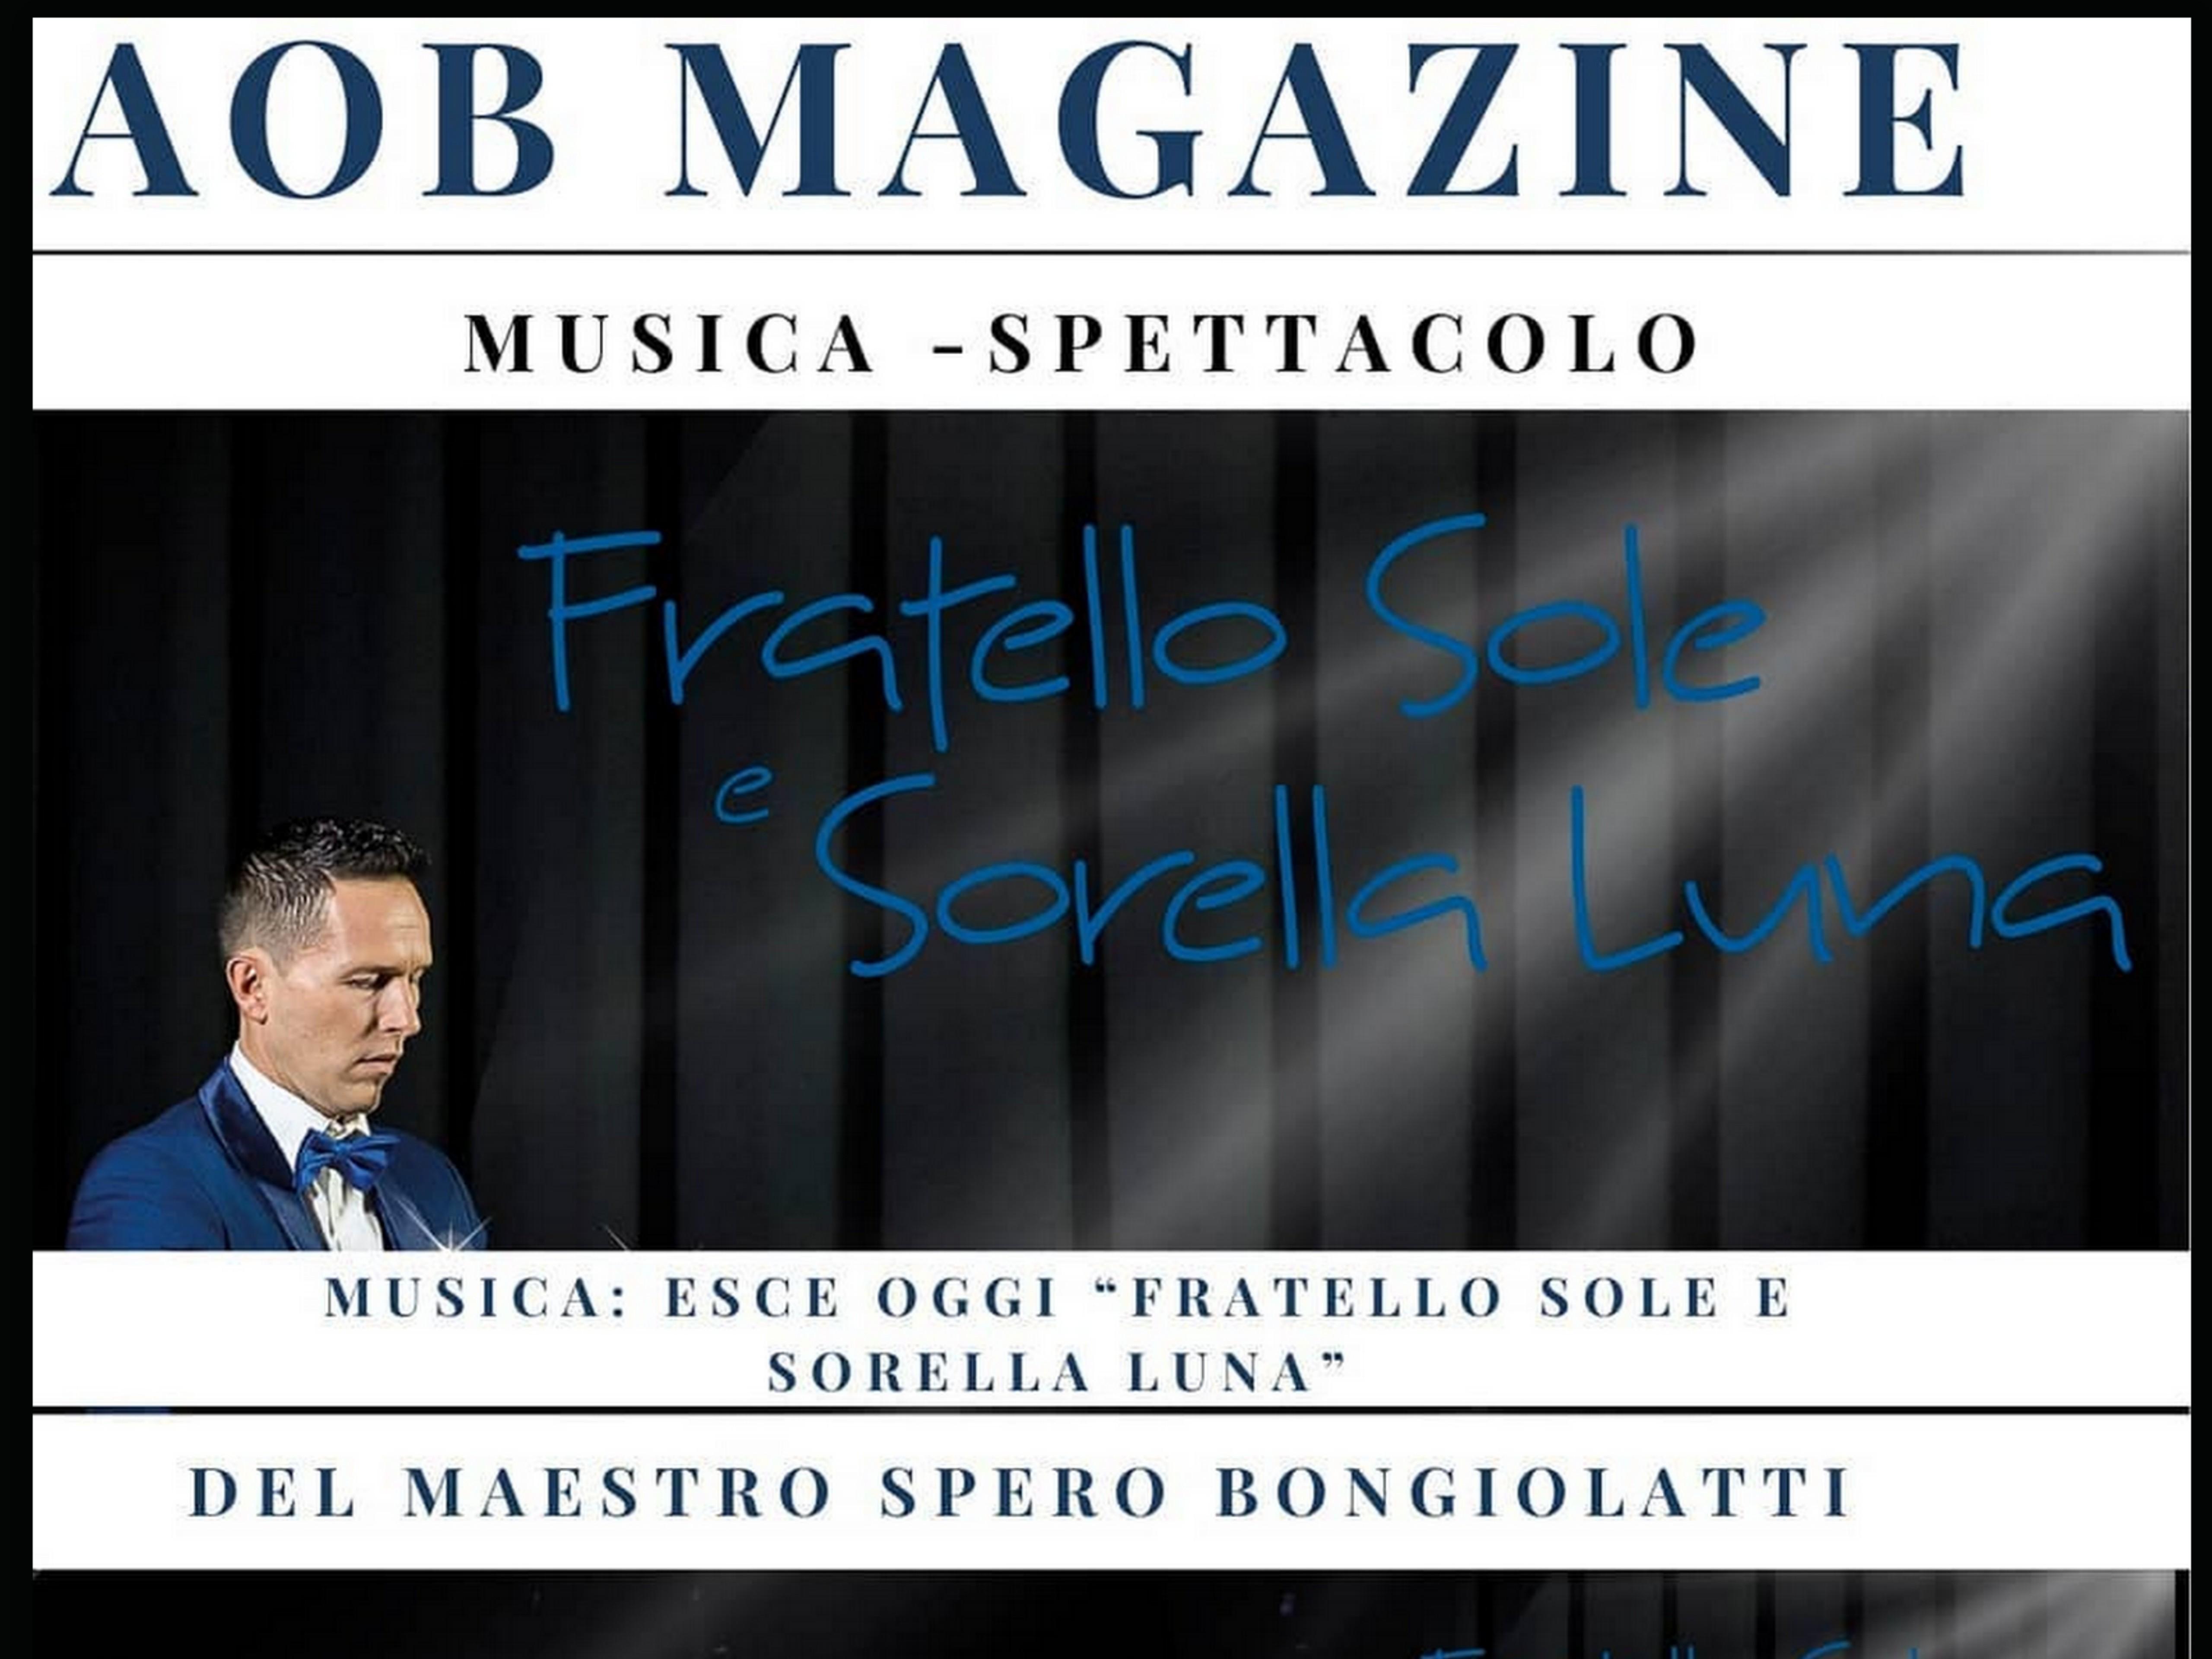 Spero Bongiolatti